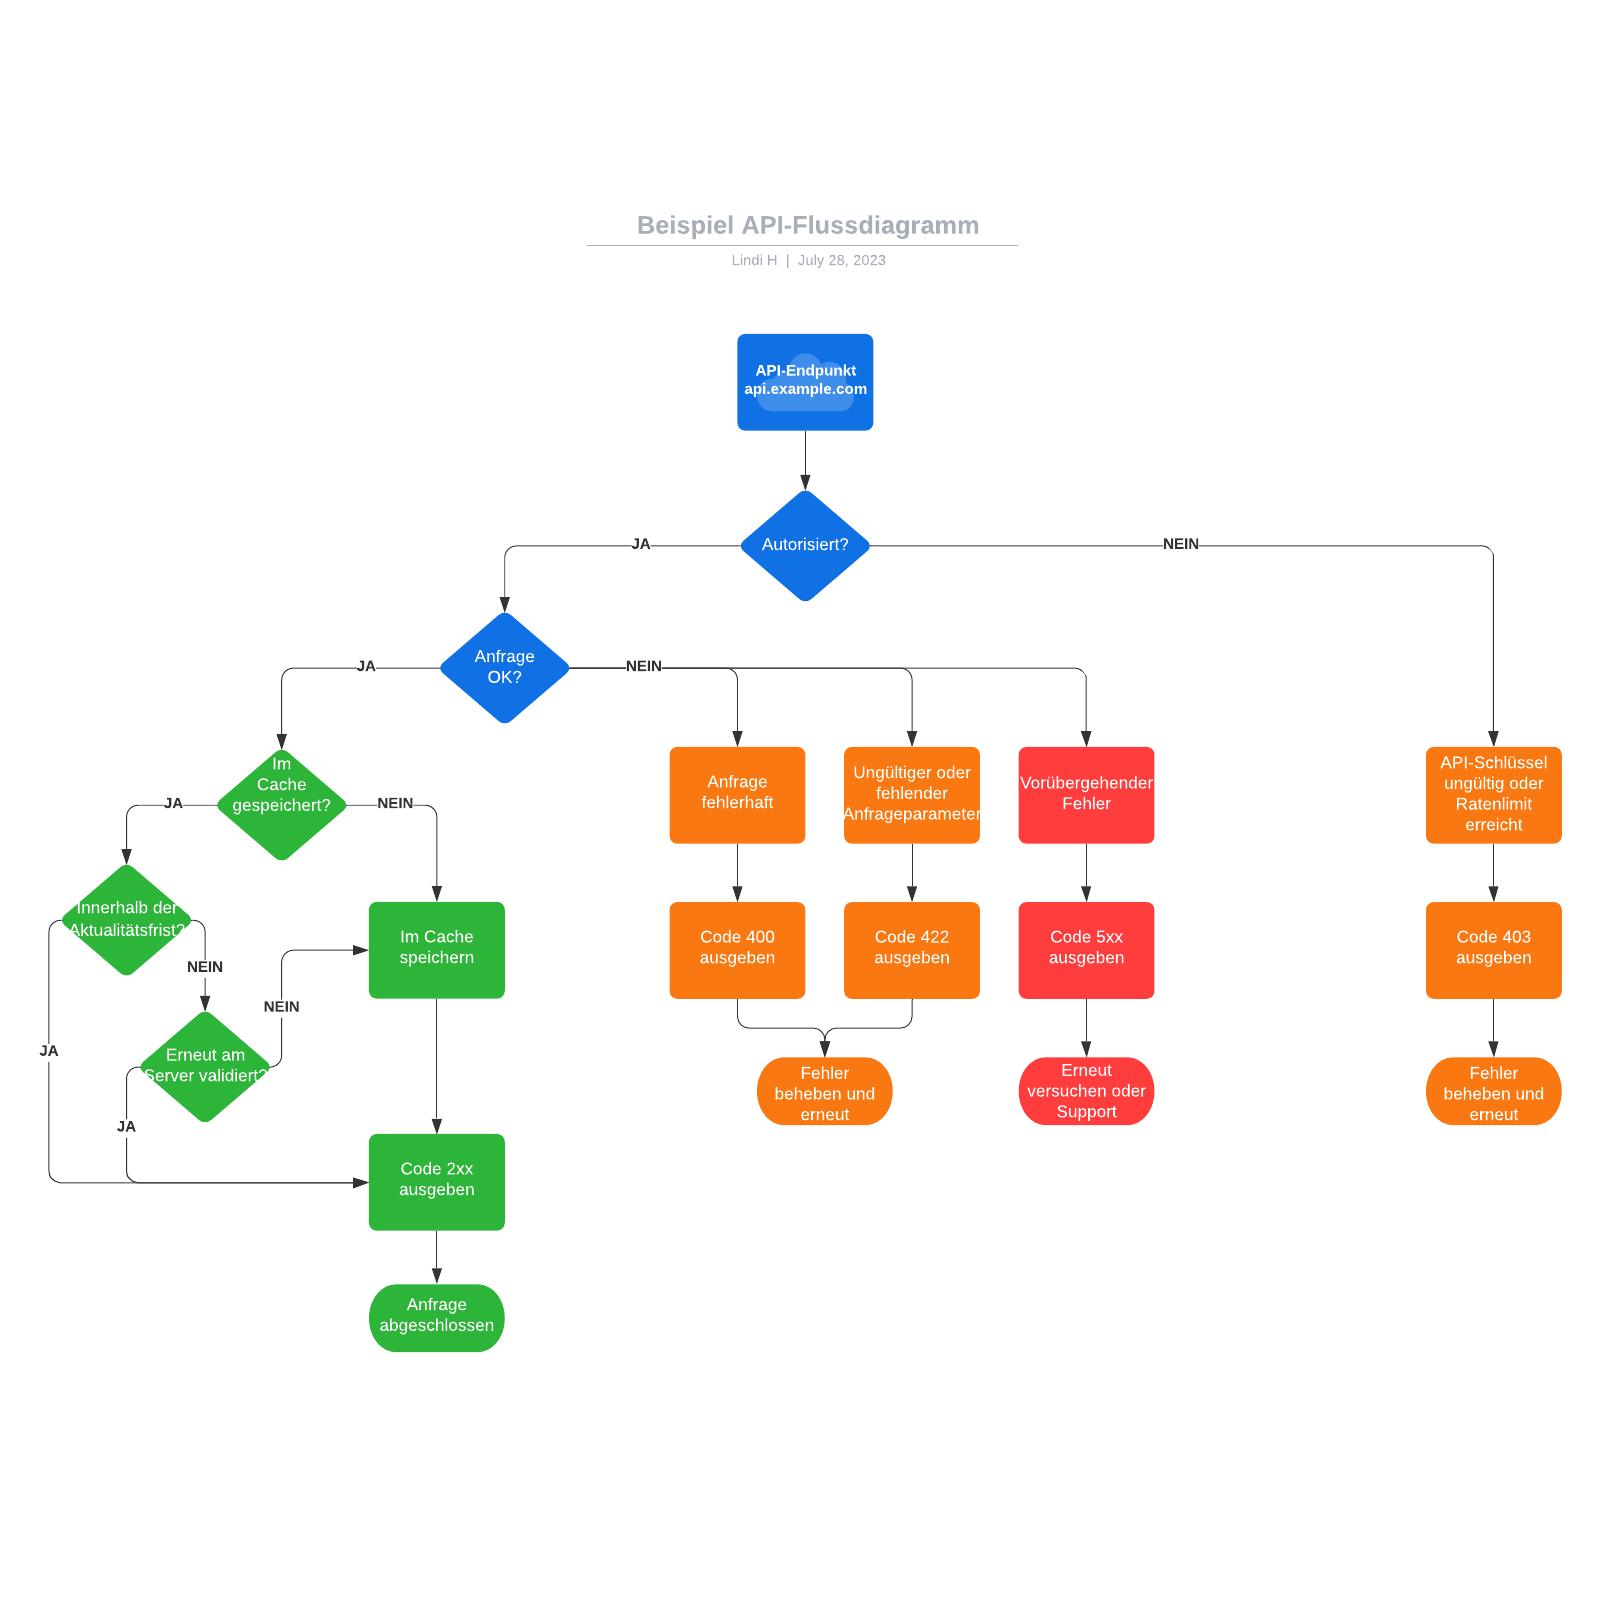 API-Flussdiagramm Beispiel